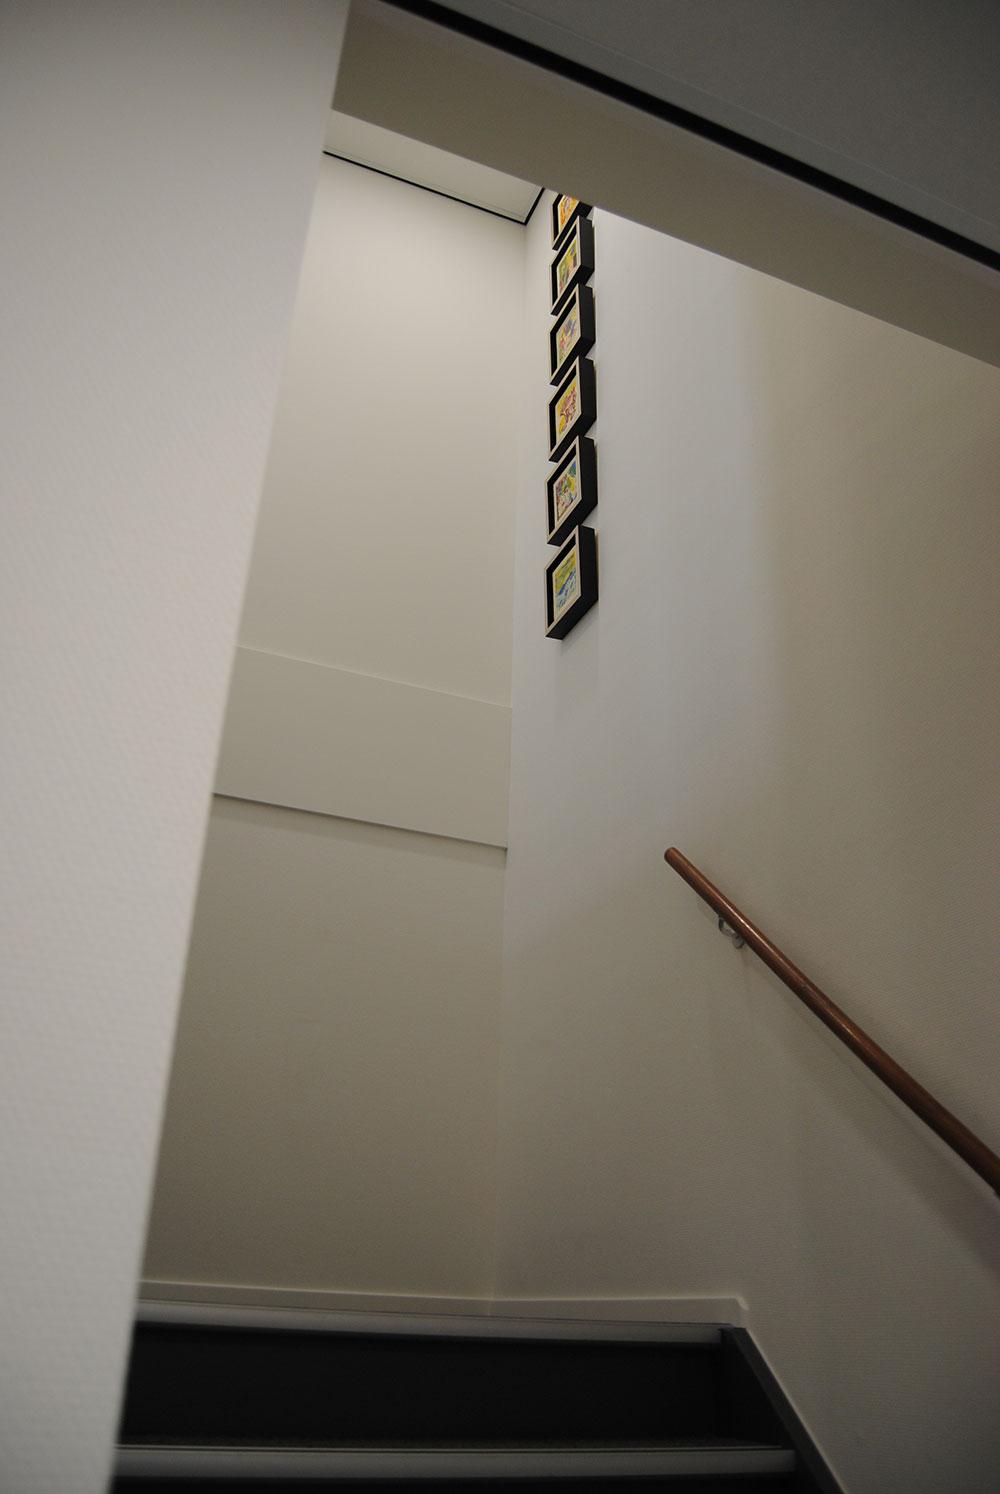 Heavac: Nieuwbouw bedrijfspand te Nuenen Schilderwerk, behang en glaswand panelen.